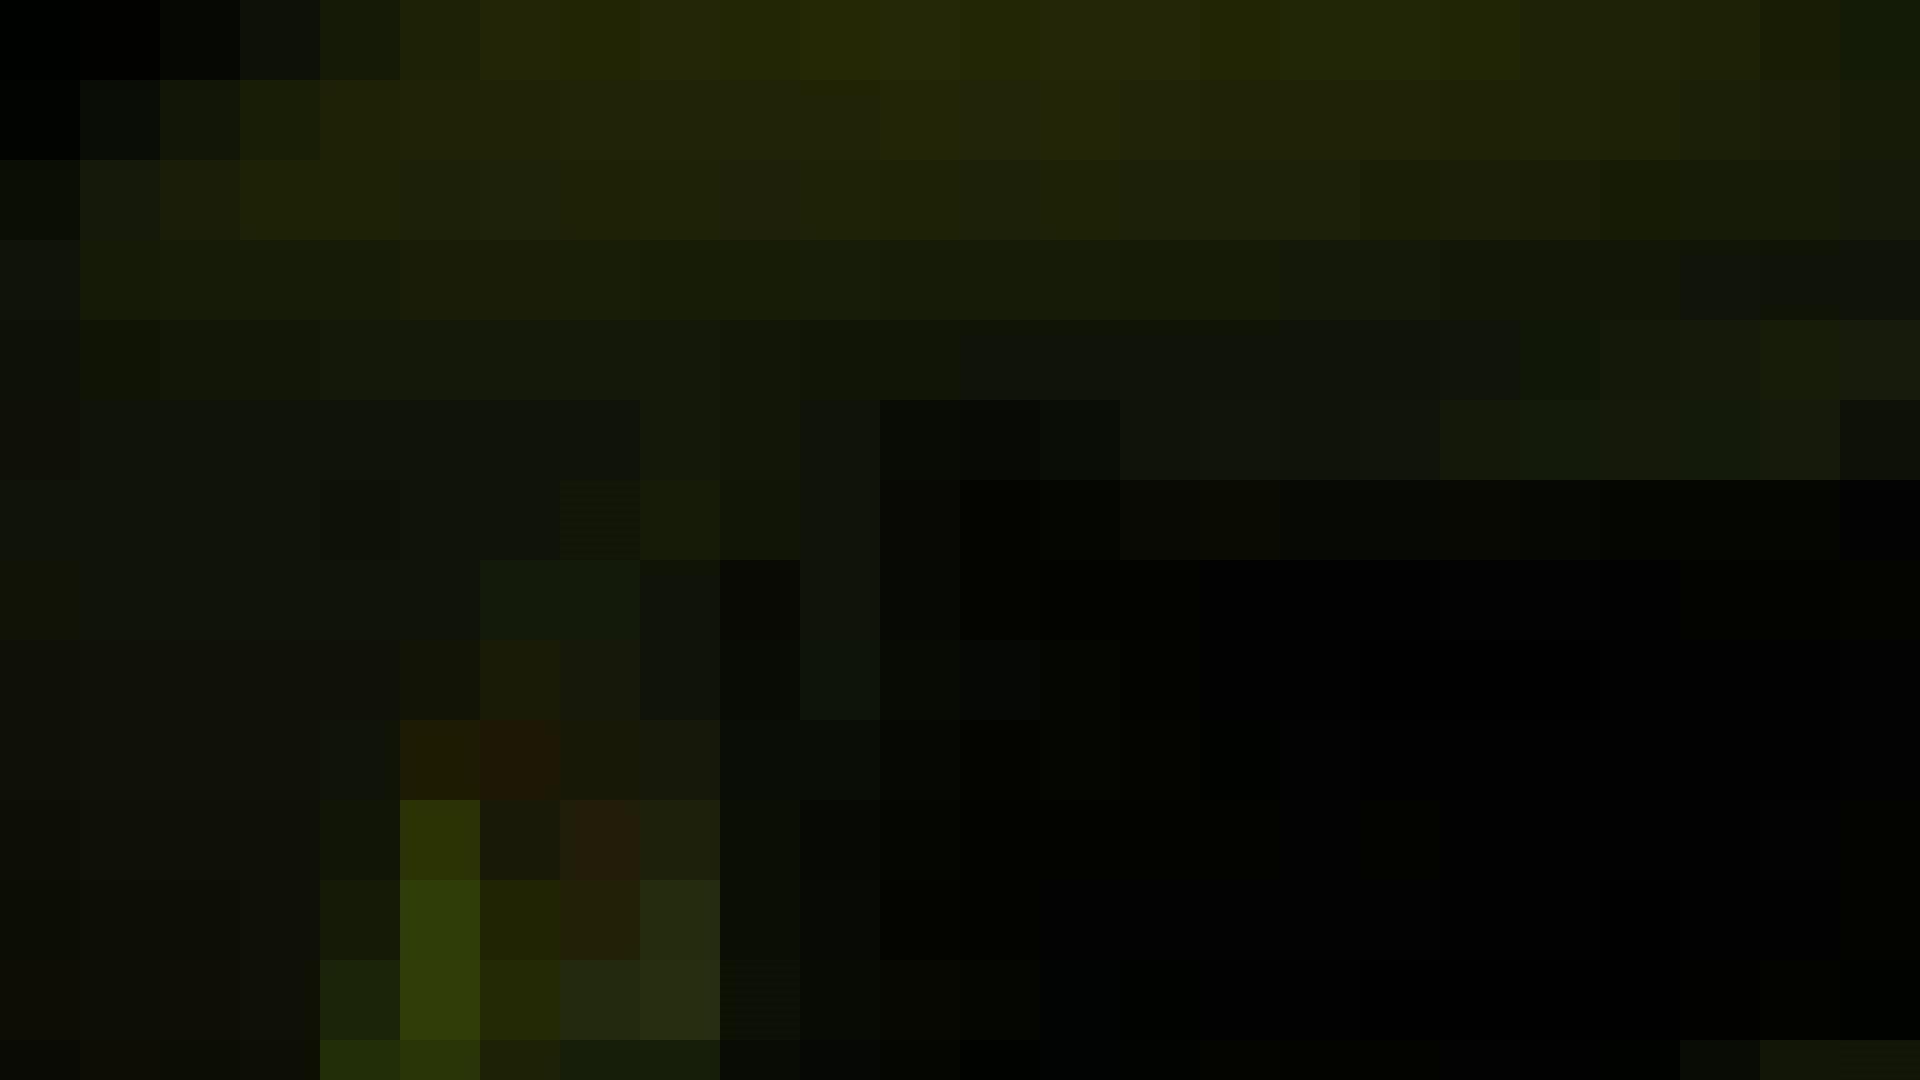 阿国ちゃんの「和式洋式七変化」No.18 iBO(フタコブ) 洗面所シーン すけべAV動画紹介 98画像 77